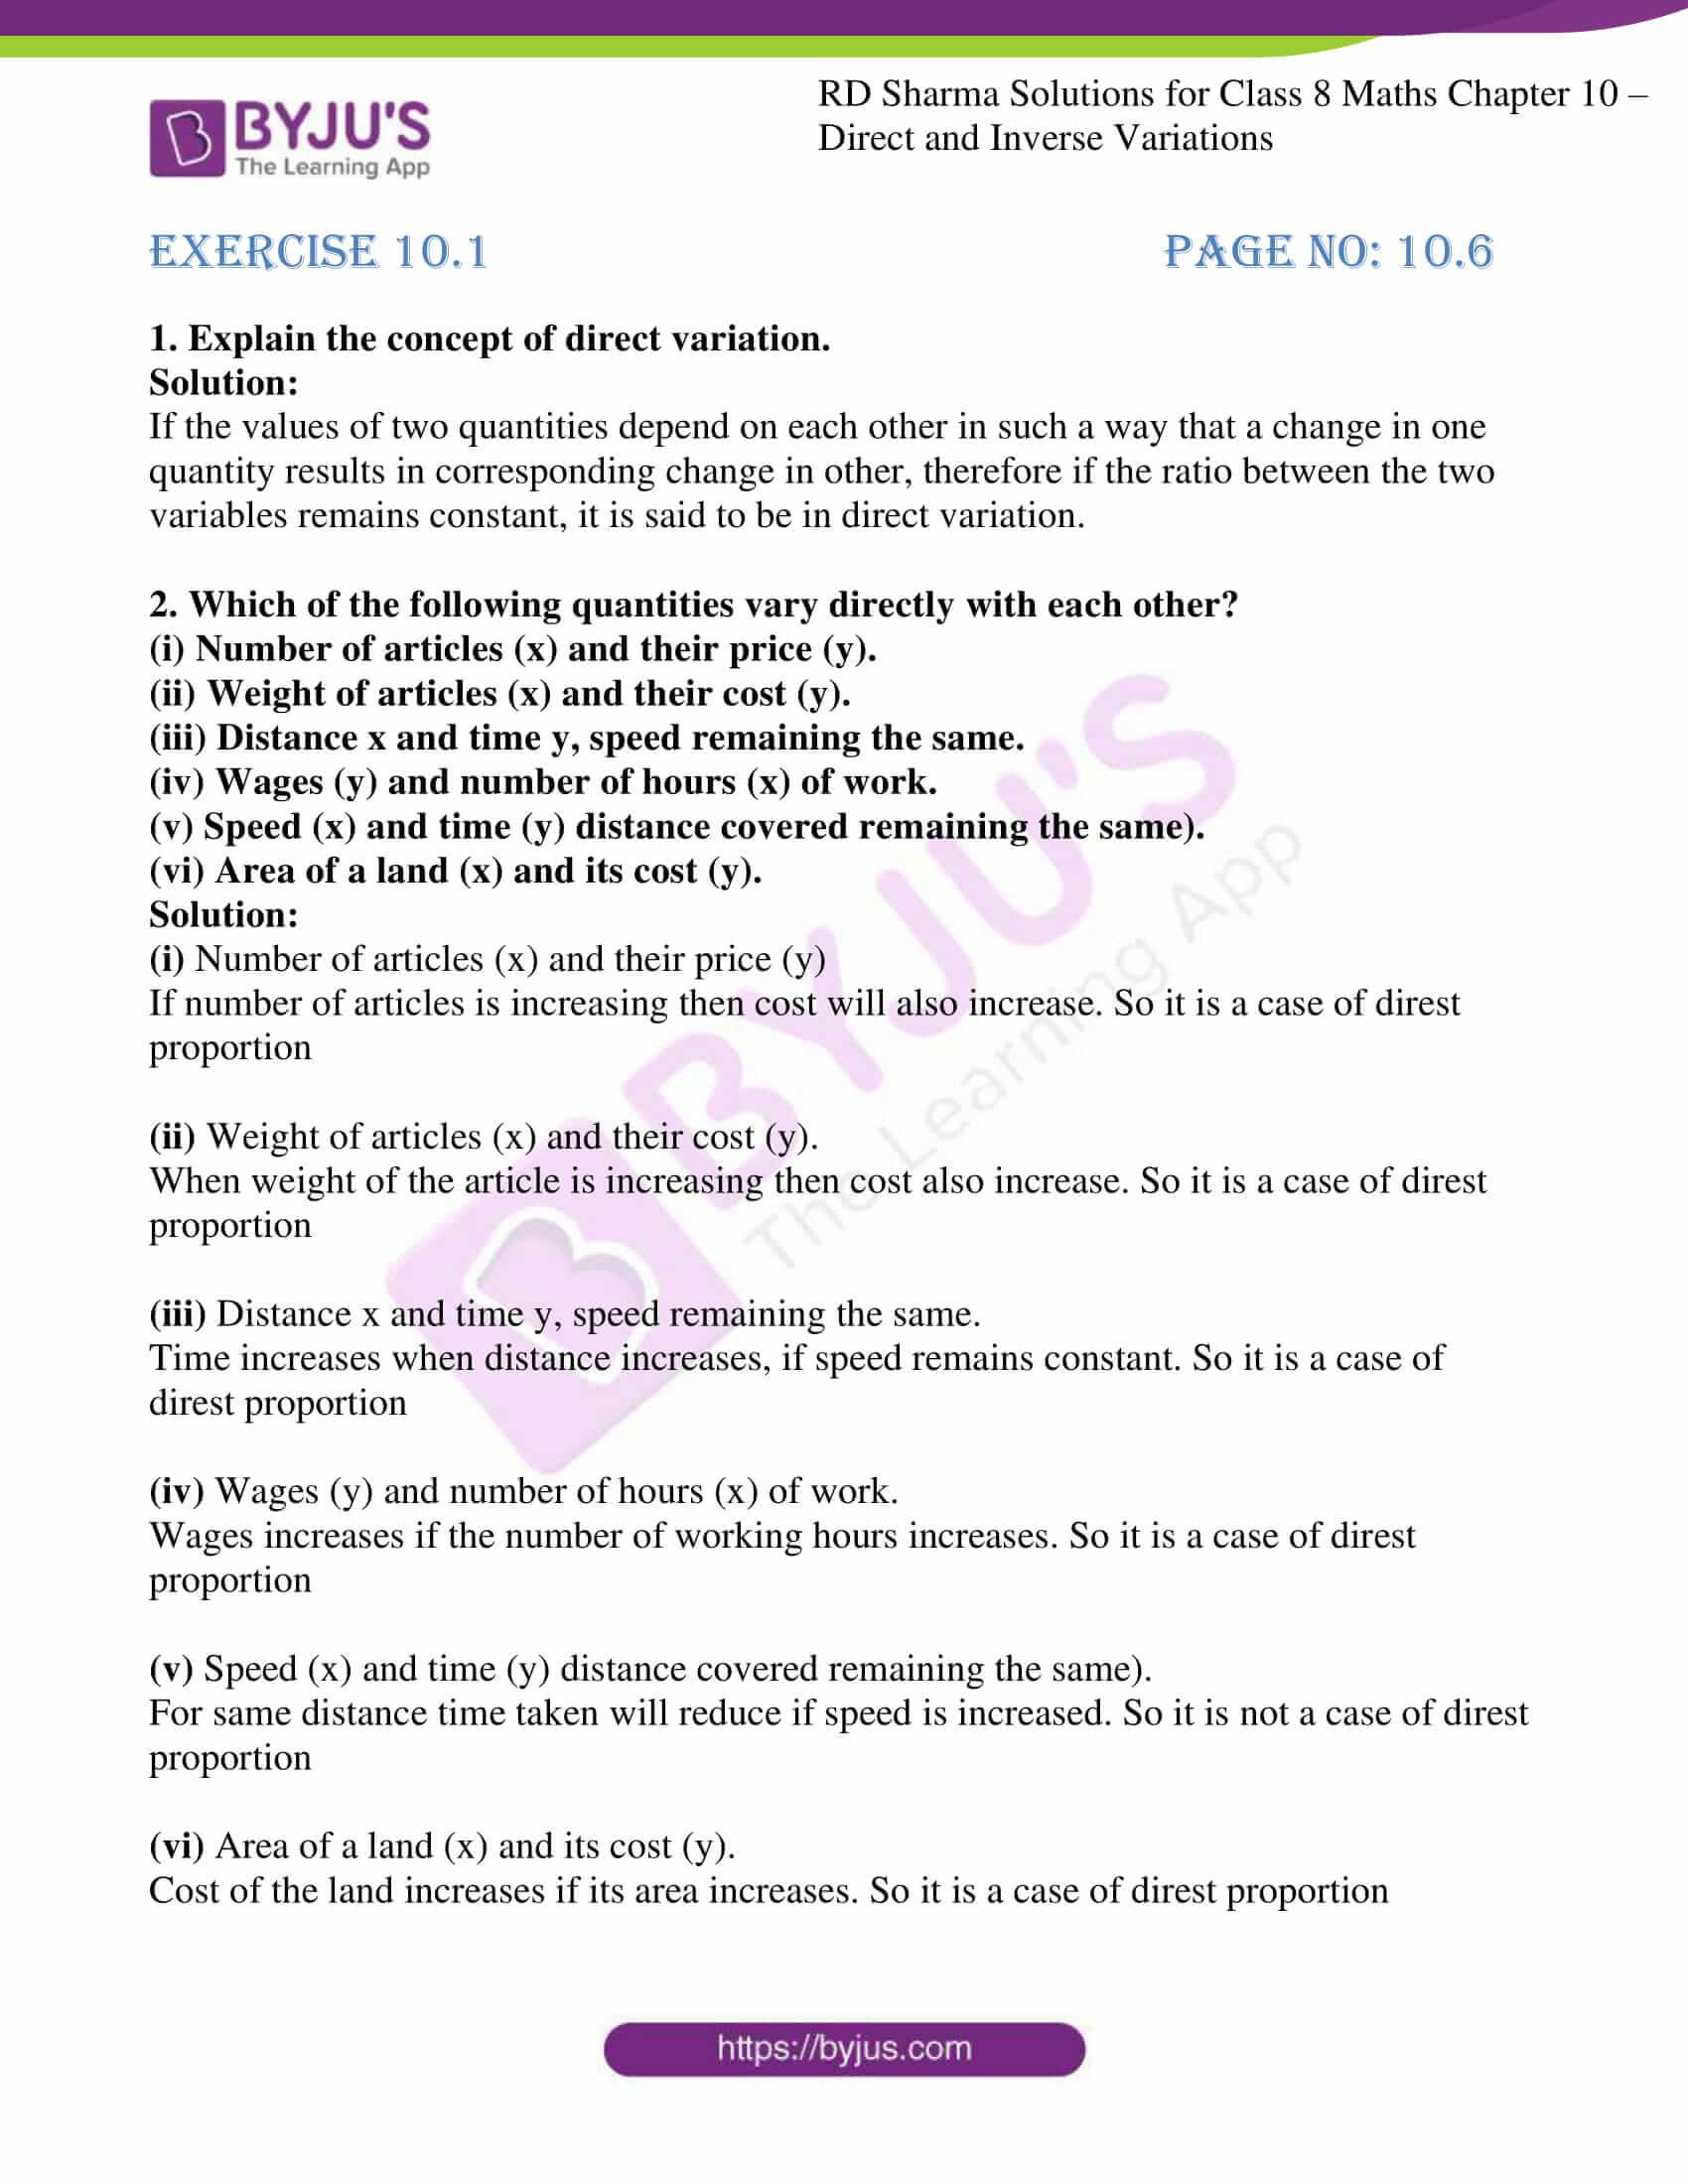 rd sharma class 8 maths chapter 10